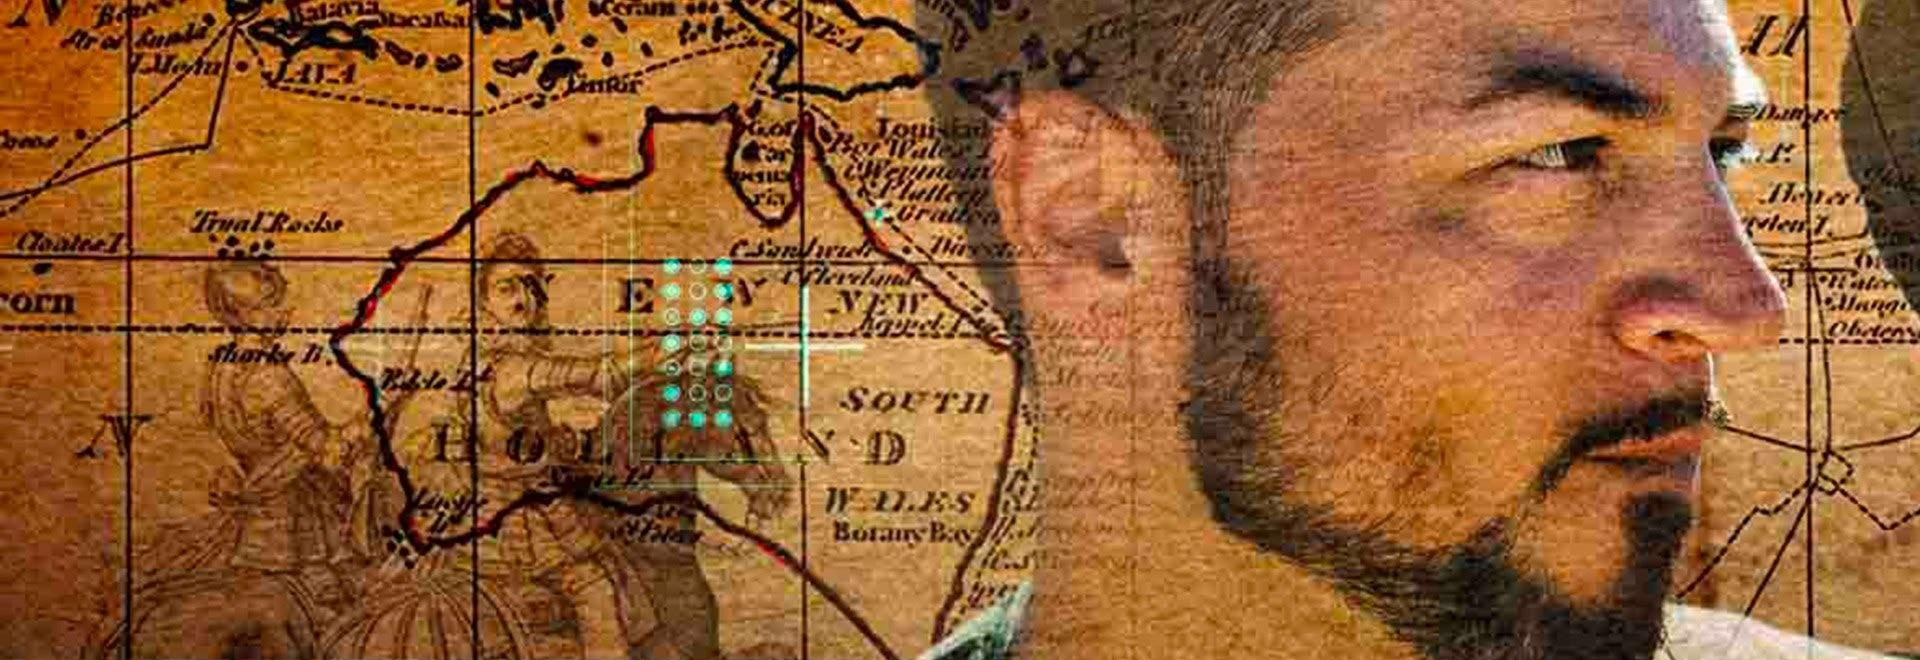 Mappe e segreti